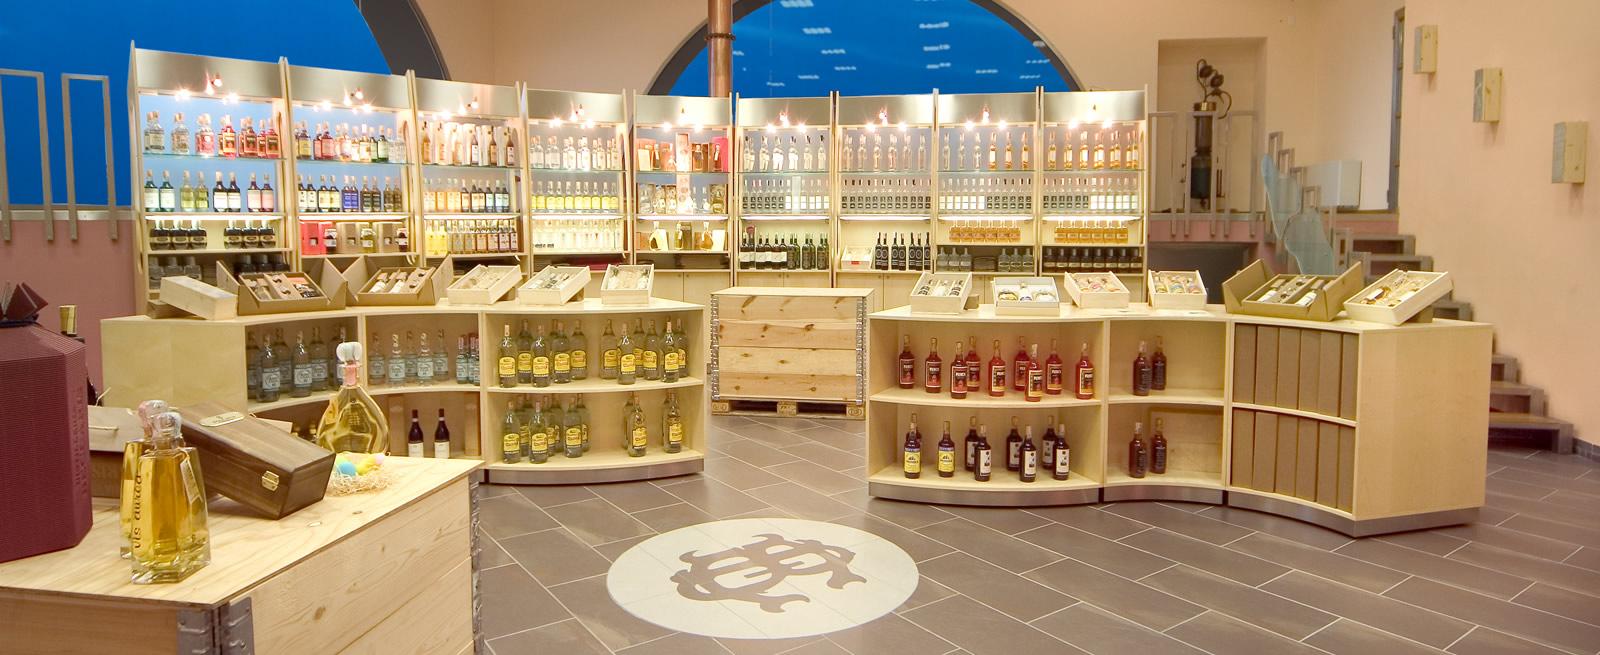 Visite e degustazioni guidate in distilleria.